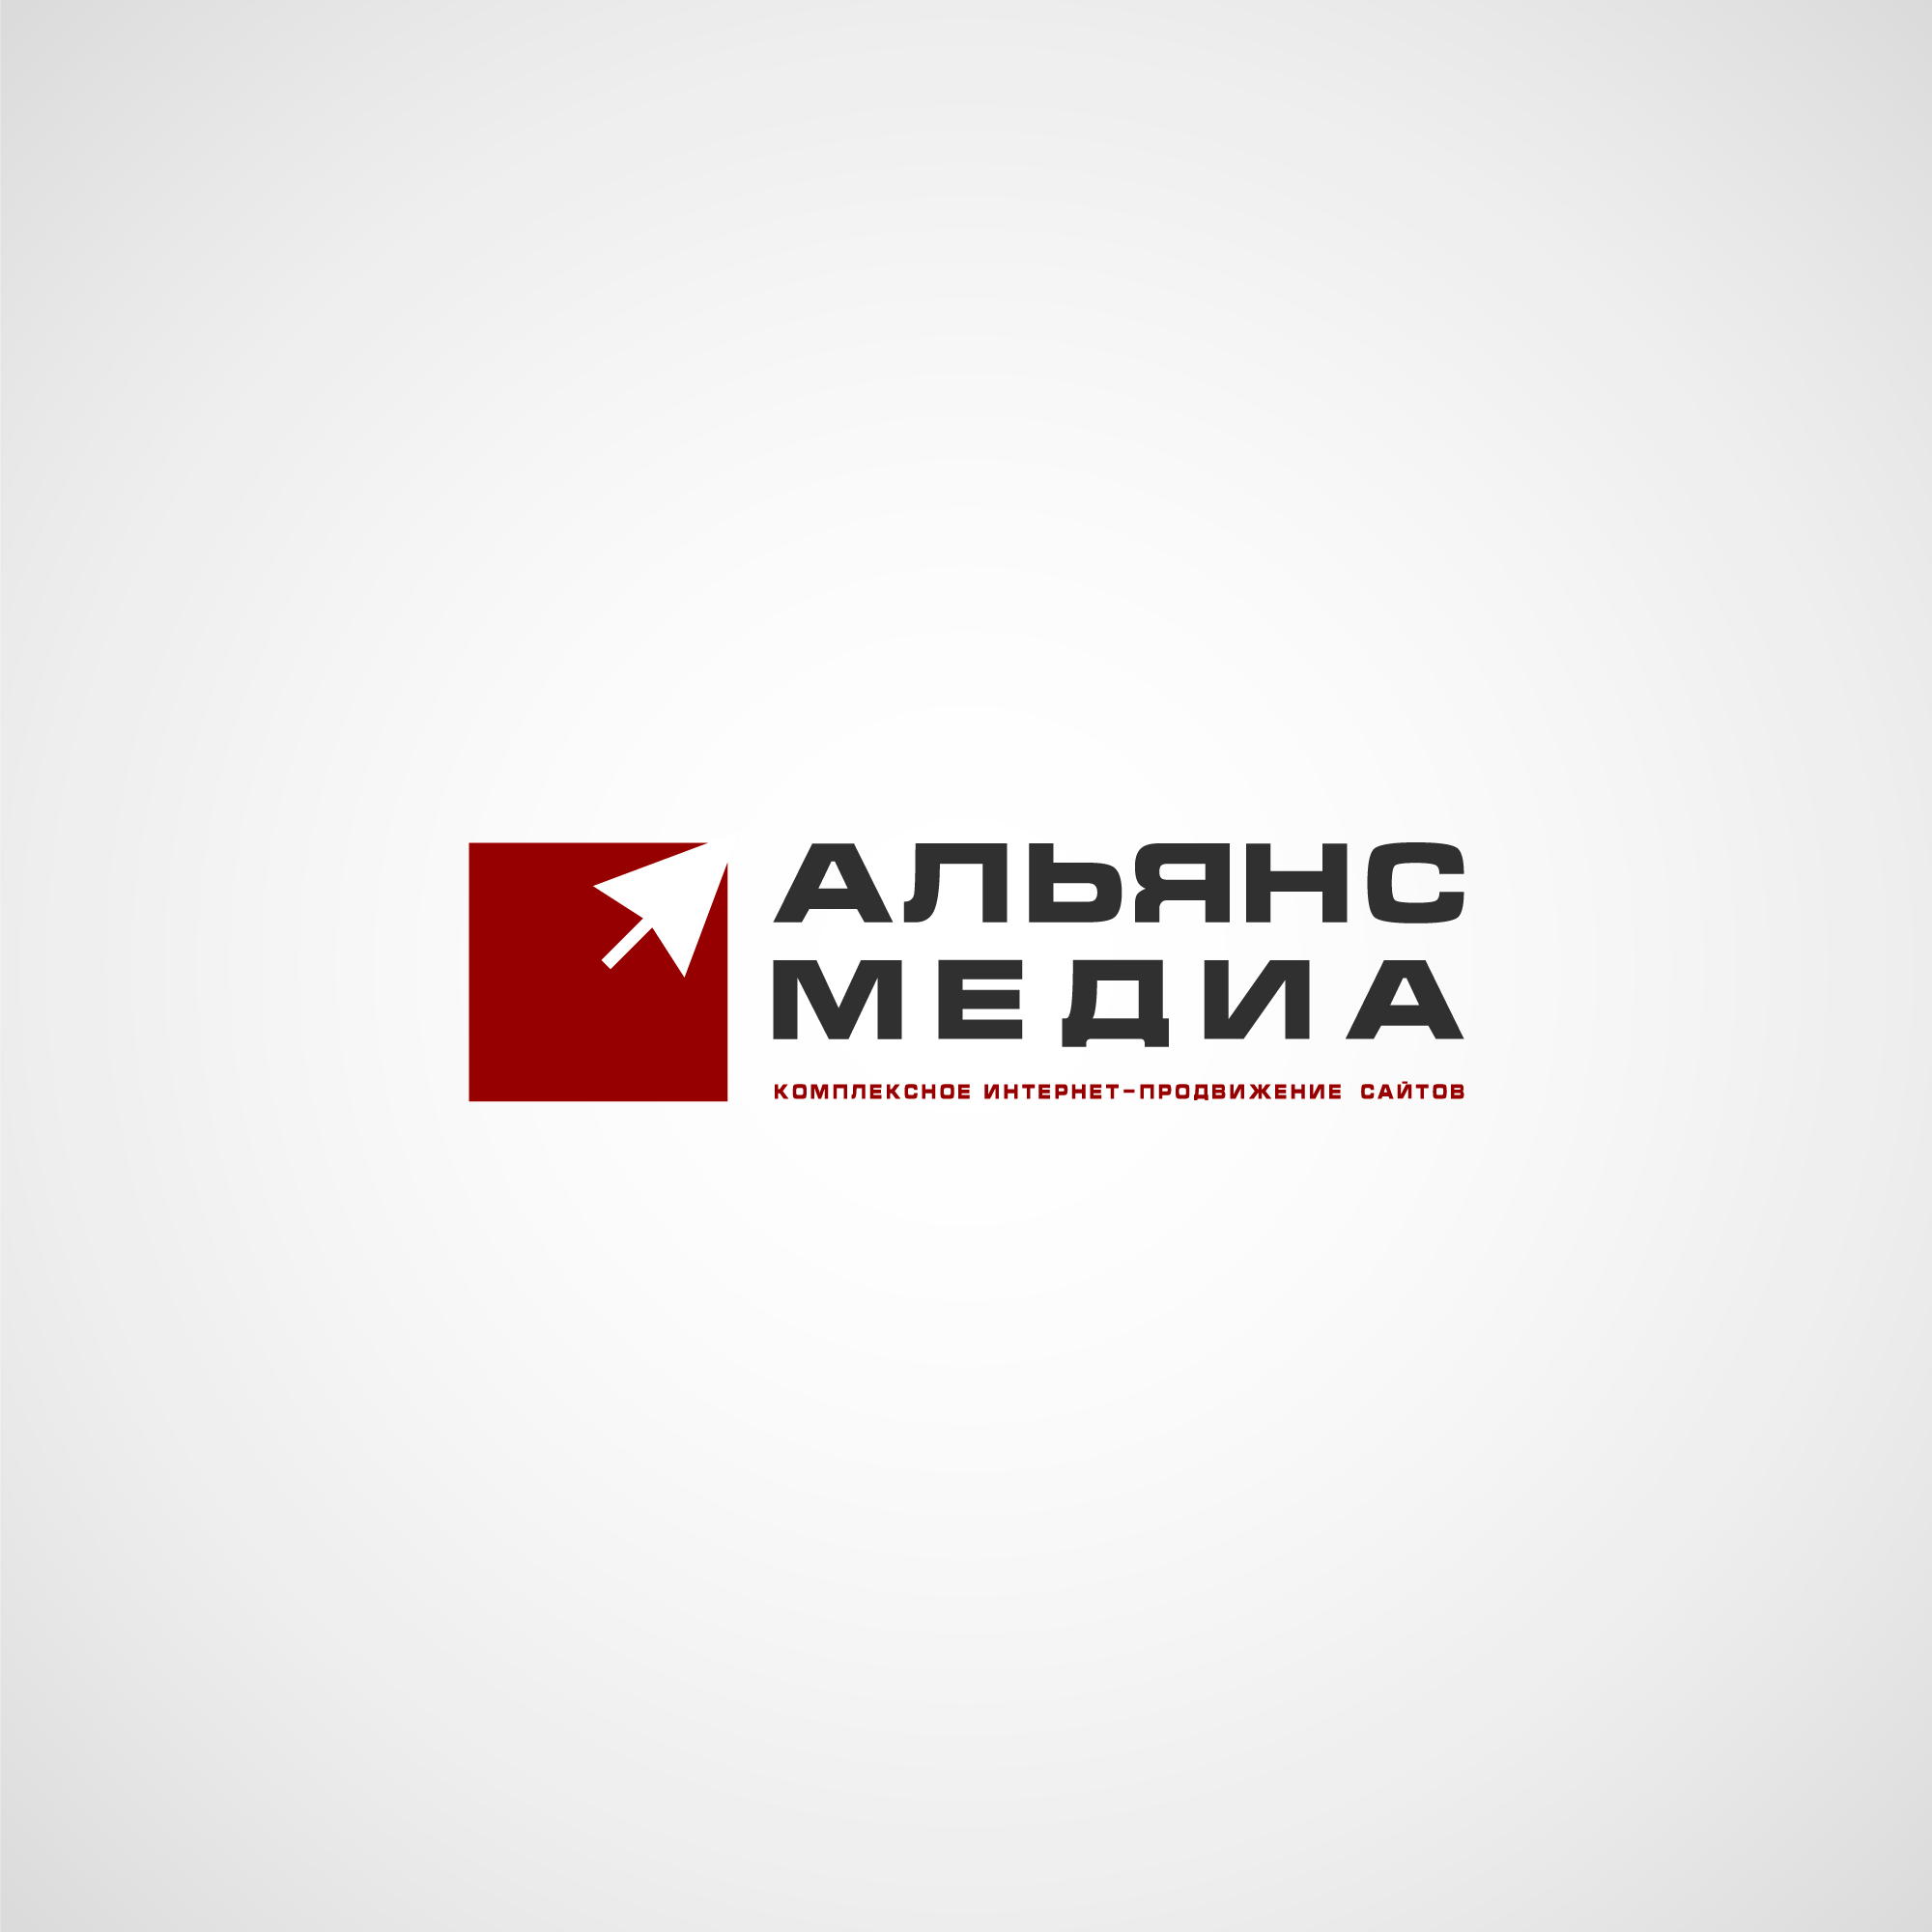 Создать логотип для компании фото f_9955aaa8abec5c1d.jpg